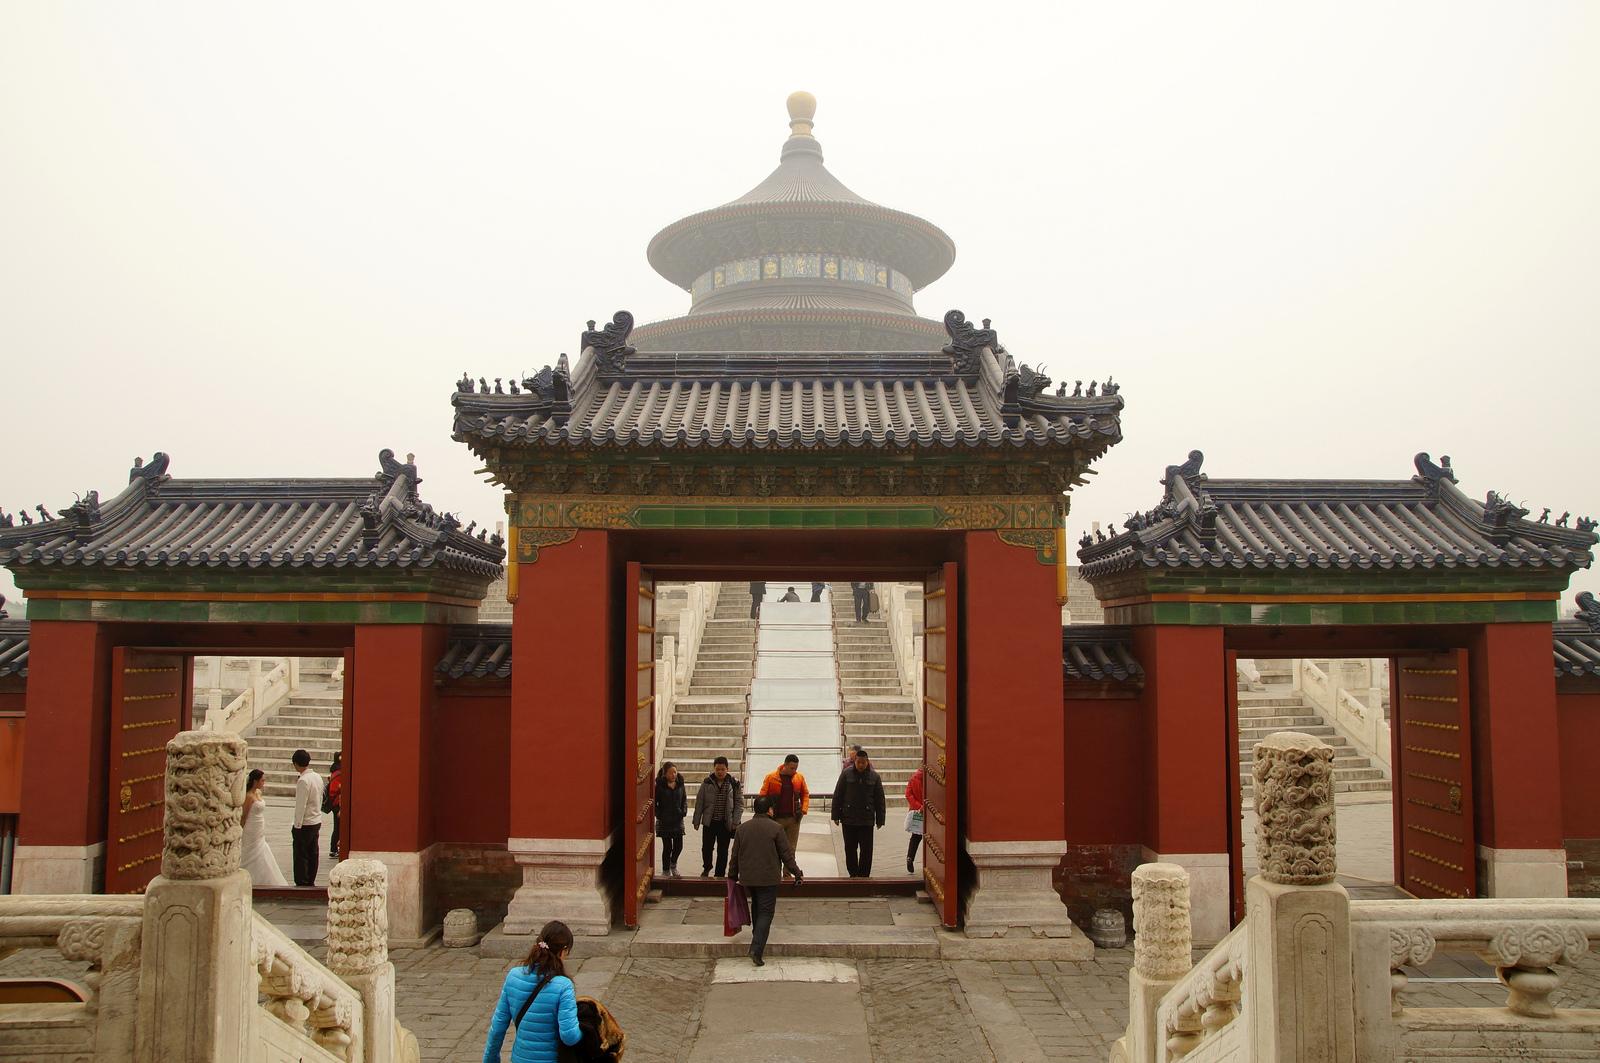 Вход в Юнхэгун, Пекин